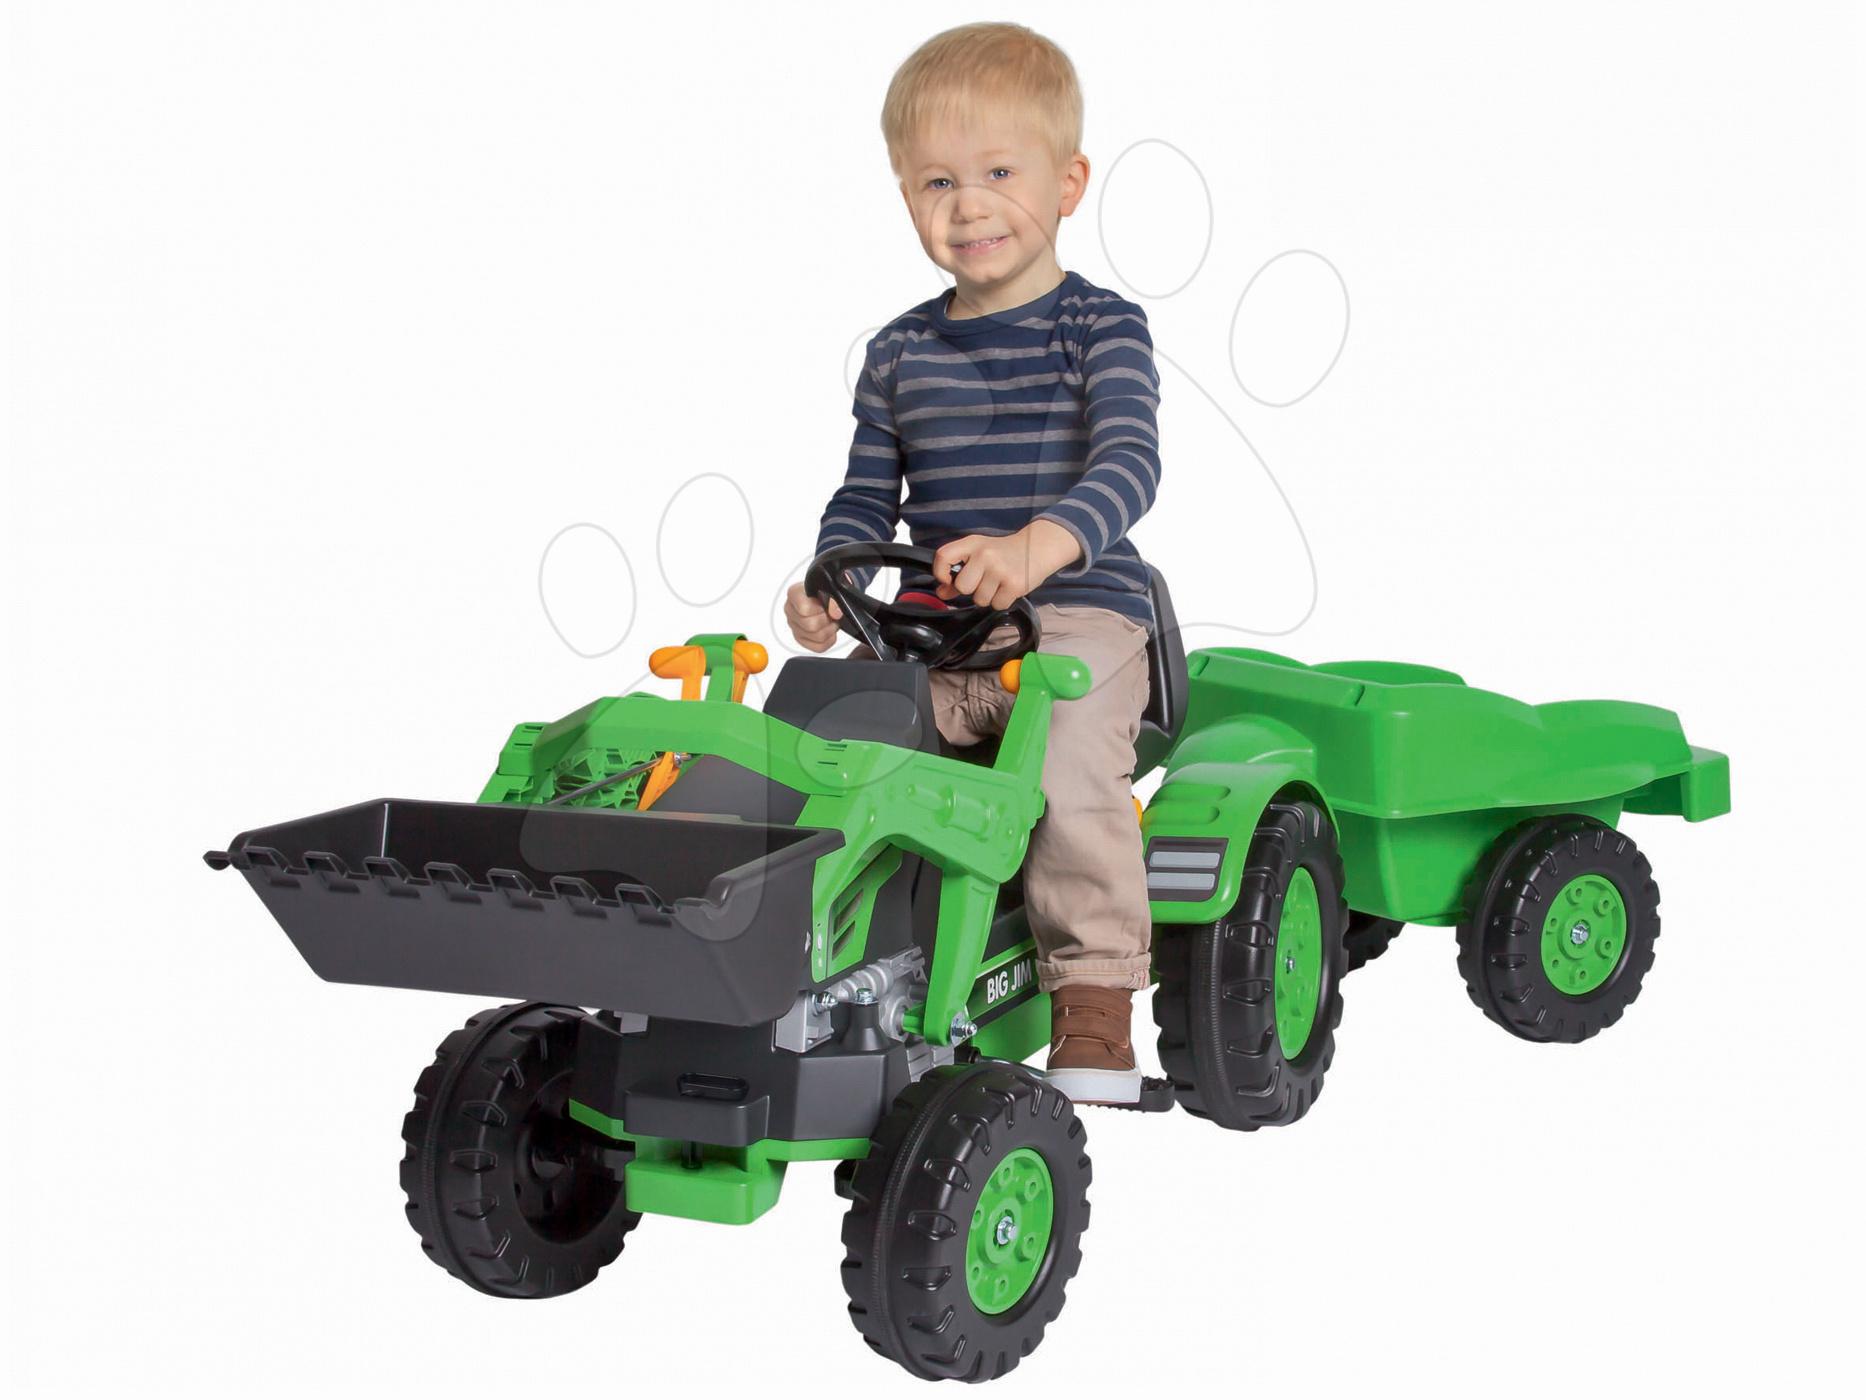 BIG 56516 šlapací traktor Jim Loader s nakladačom prívesom a klaksónom  zelený od 3 rokov